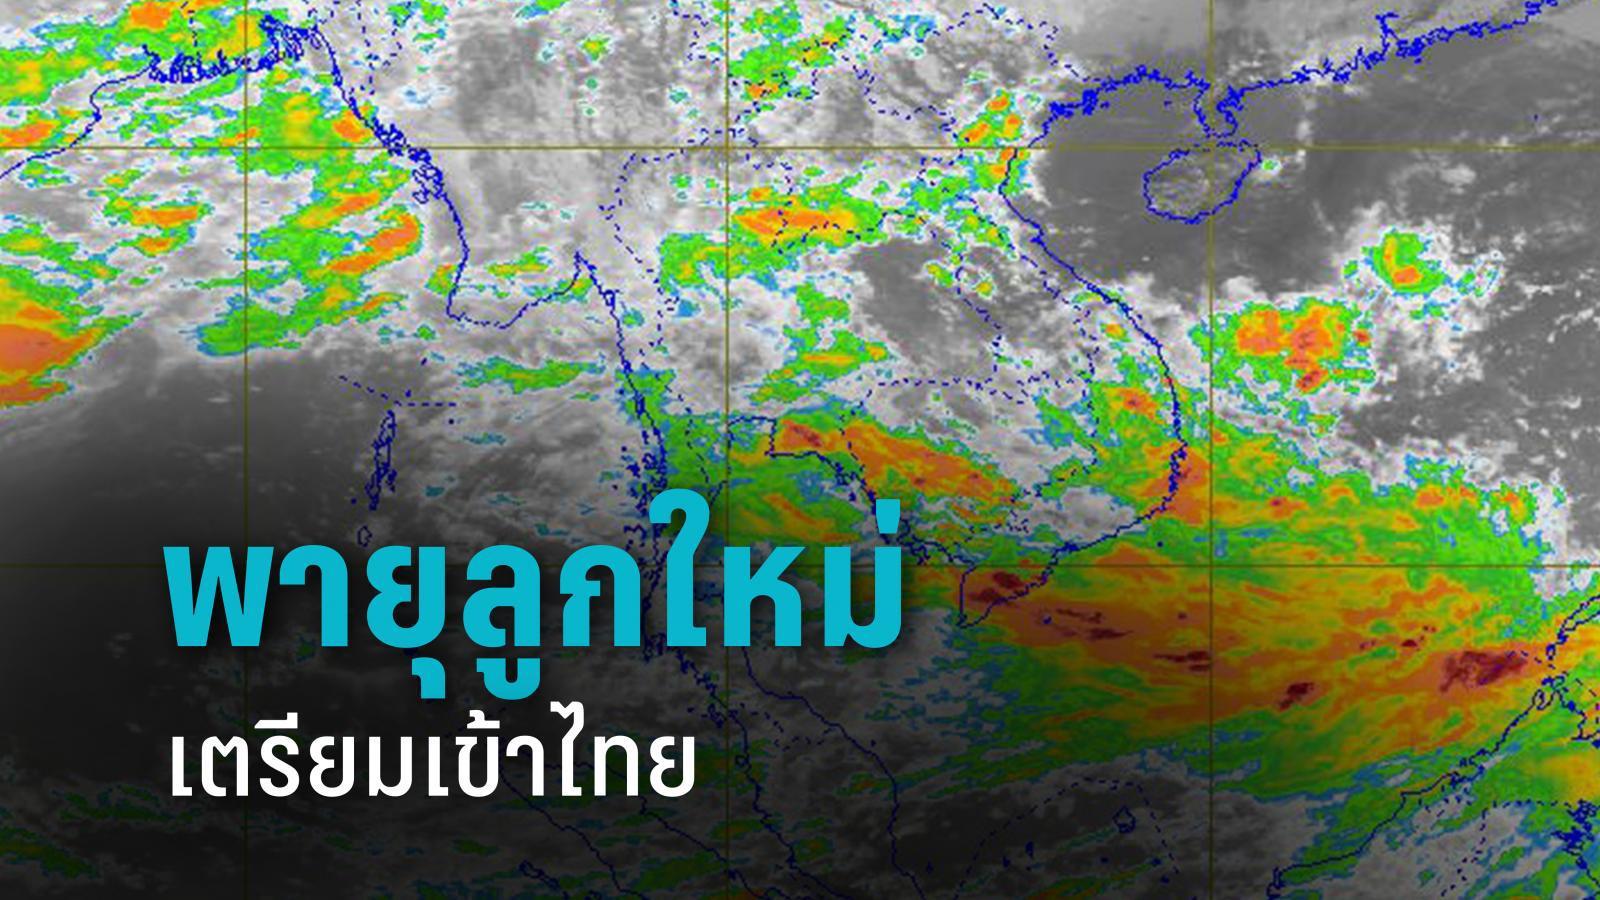 กรมอุตุฯ เตือน พายุดีเปรสชันลูกใหม่ เข้าไทย ระวังฝนตกหนัก 7-9 ต.ค